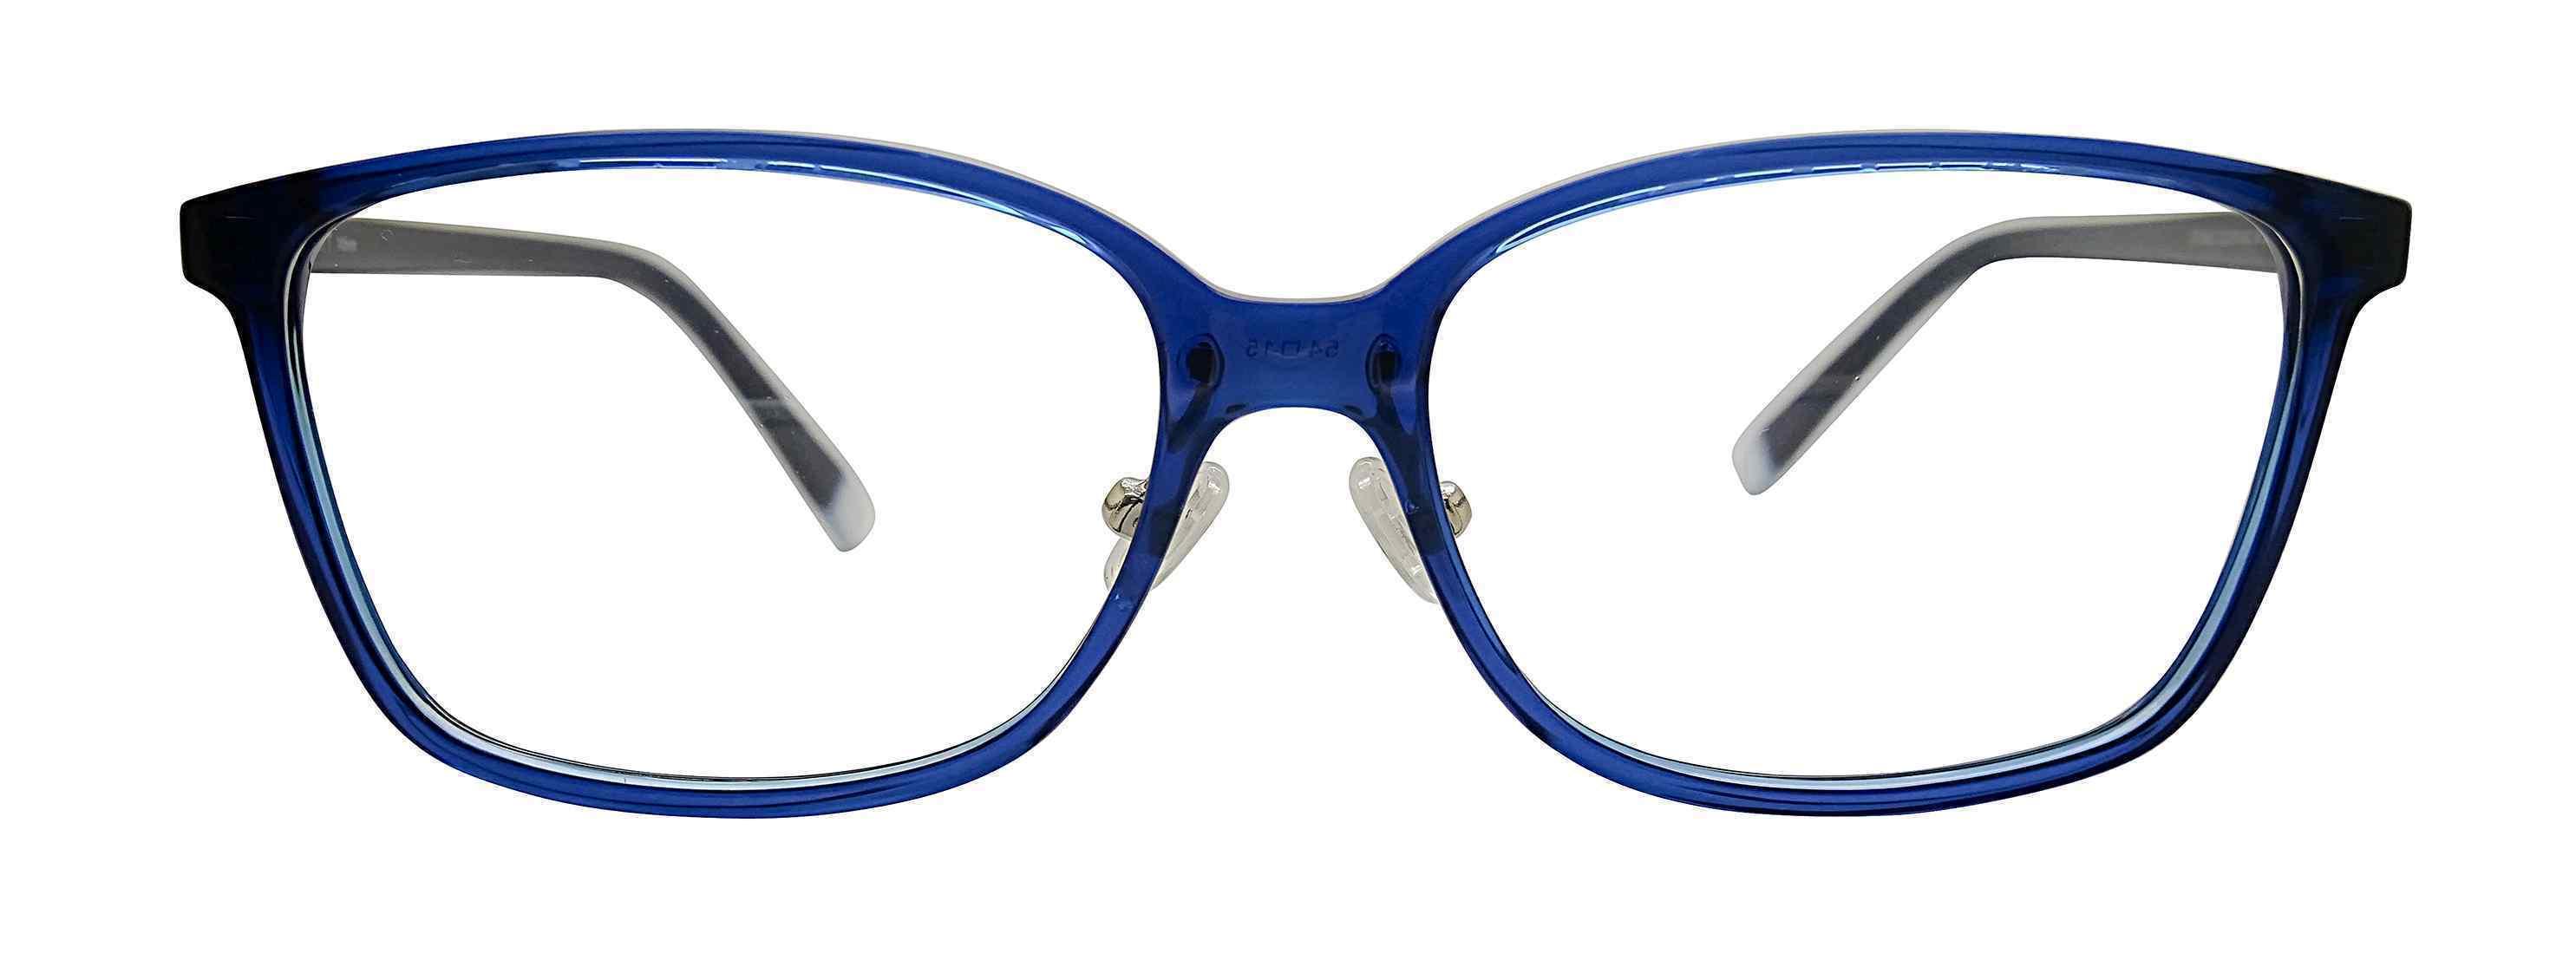 Esprit Spectacles 14243 01